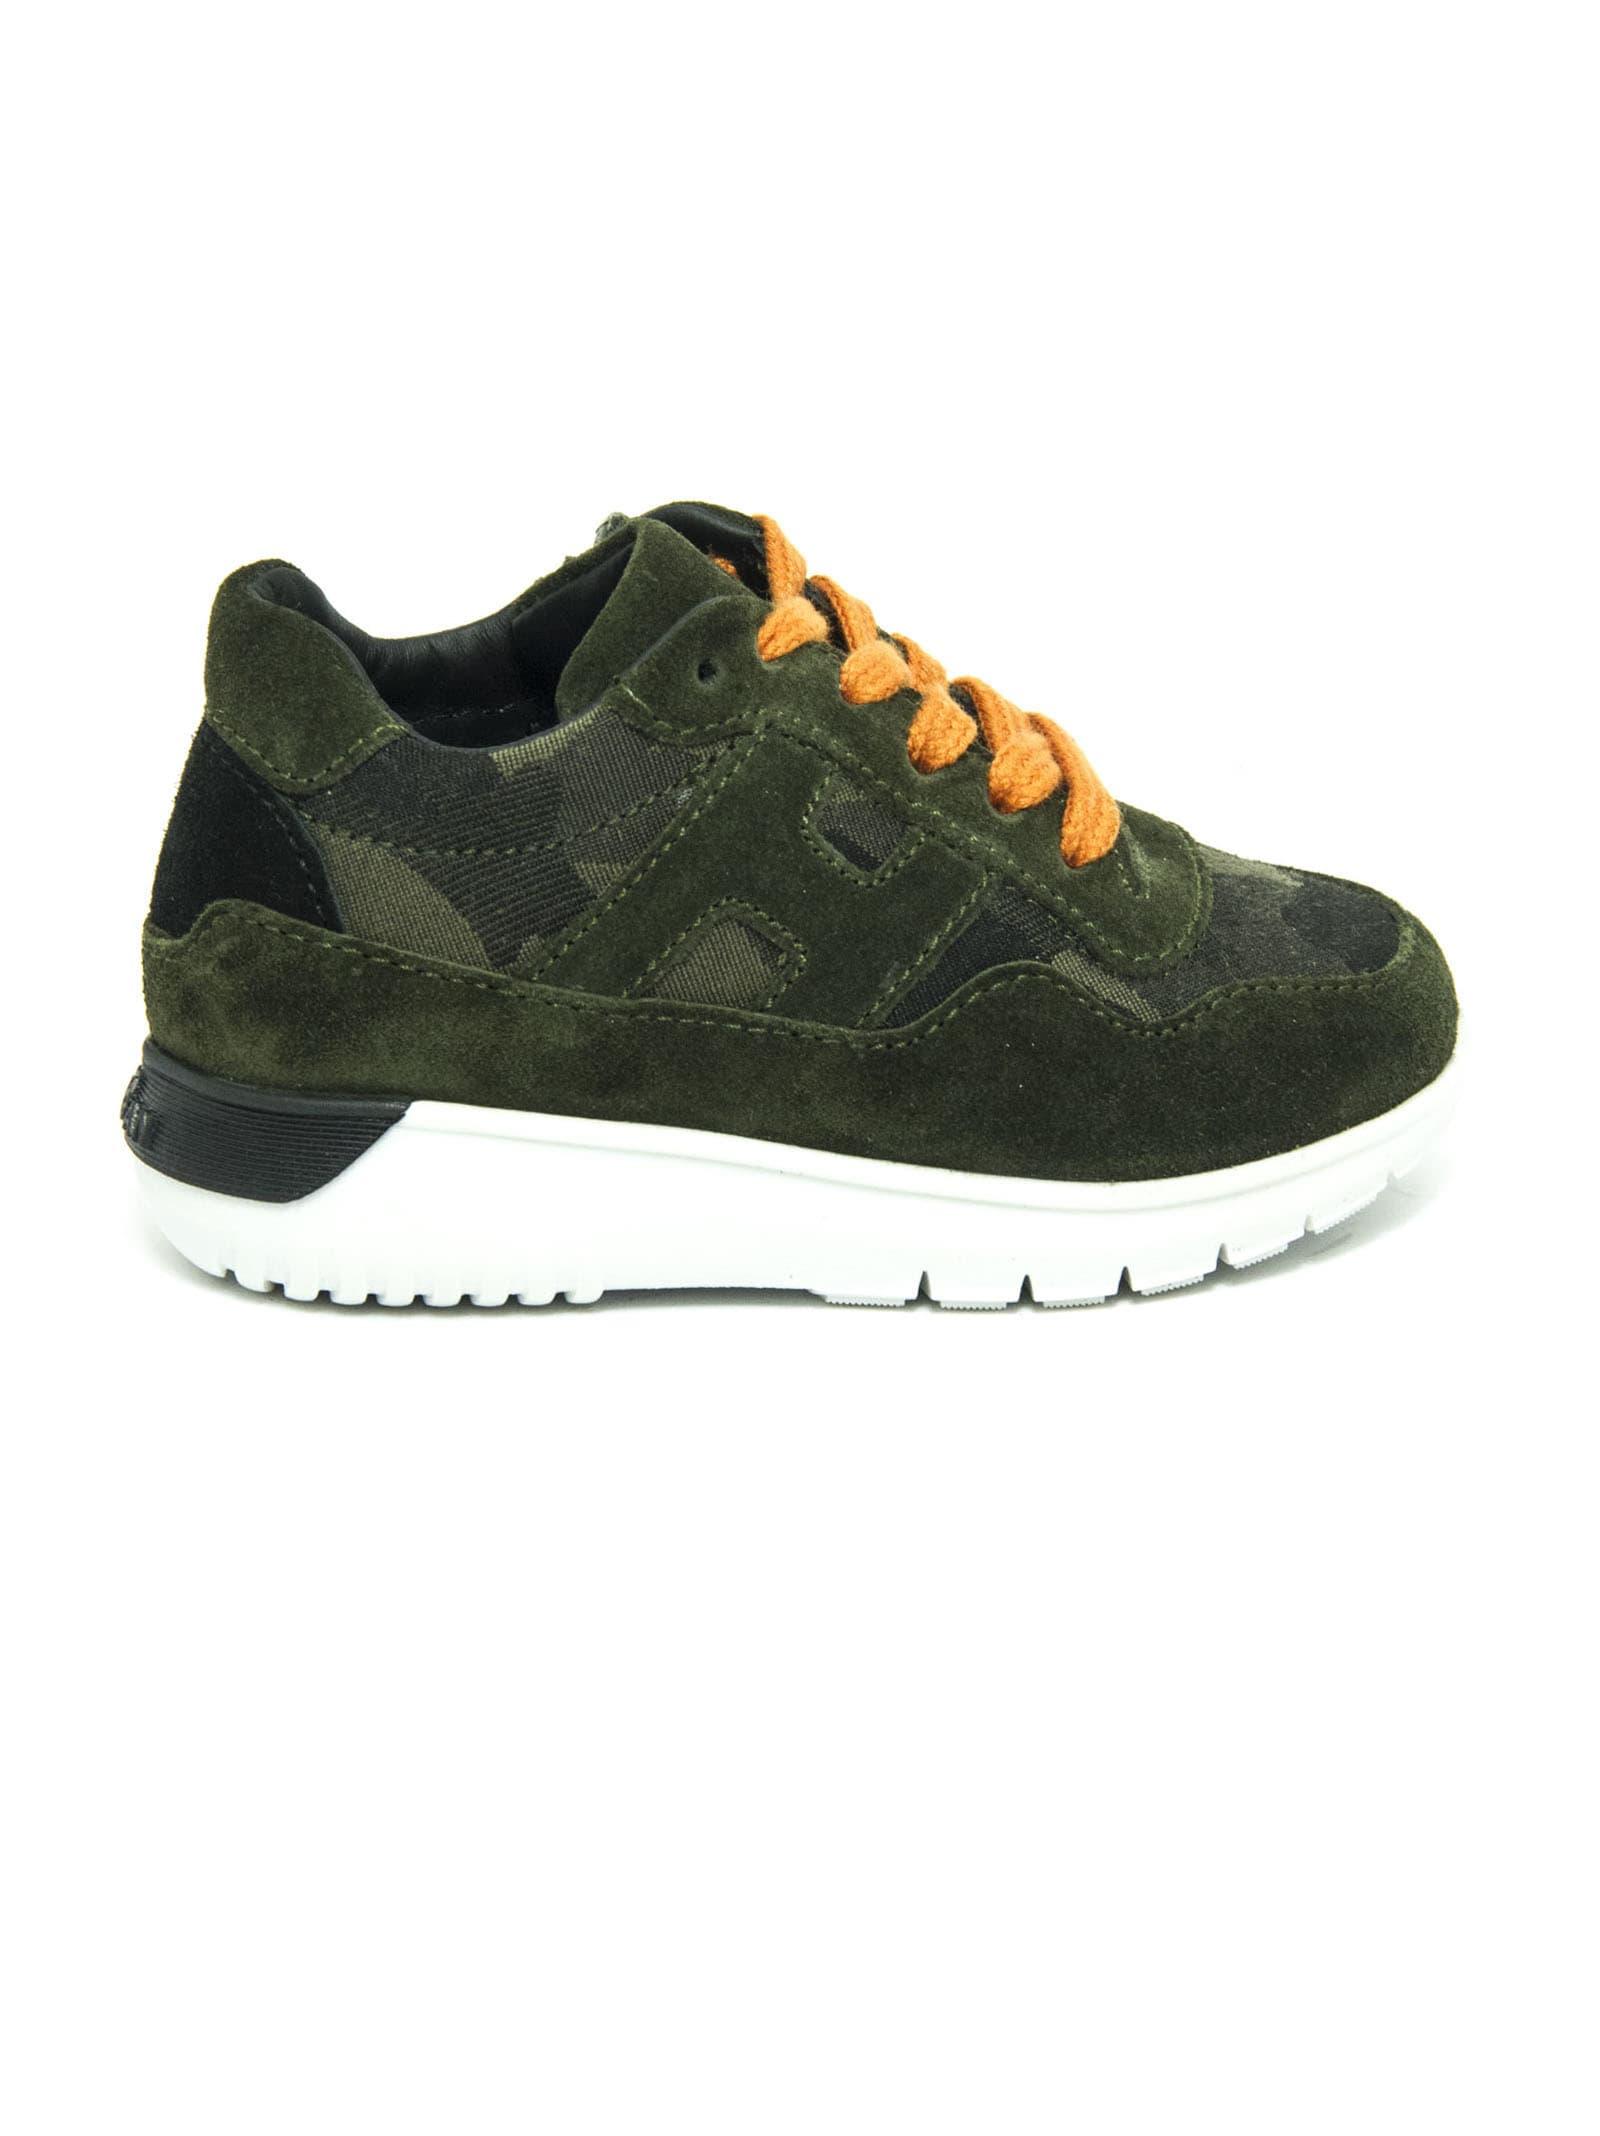 Hogan Sneakers In Green Suede